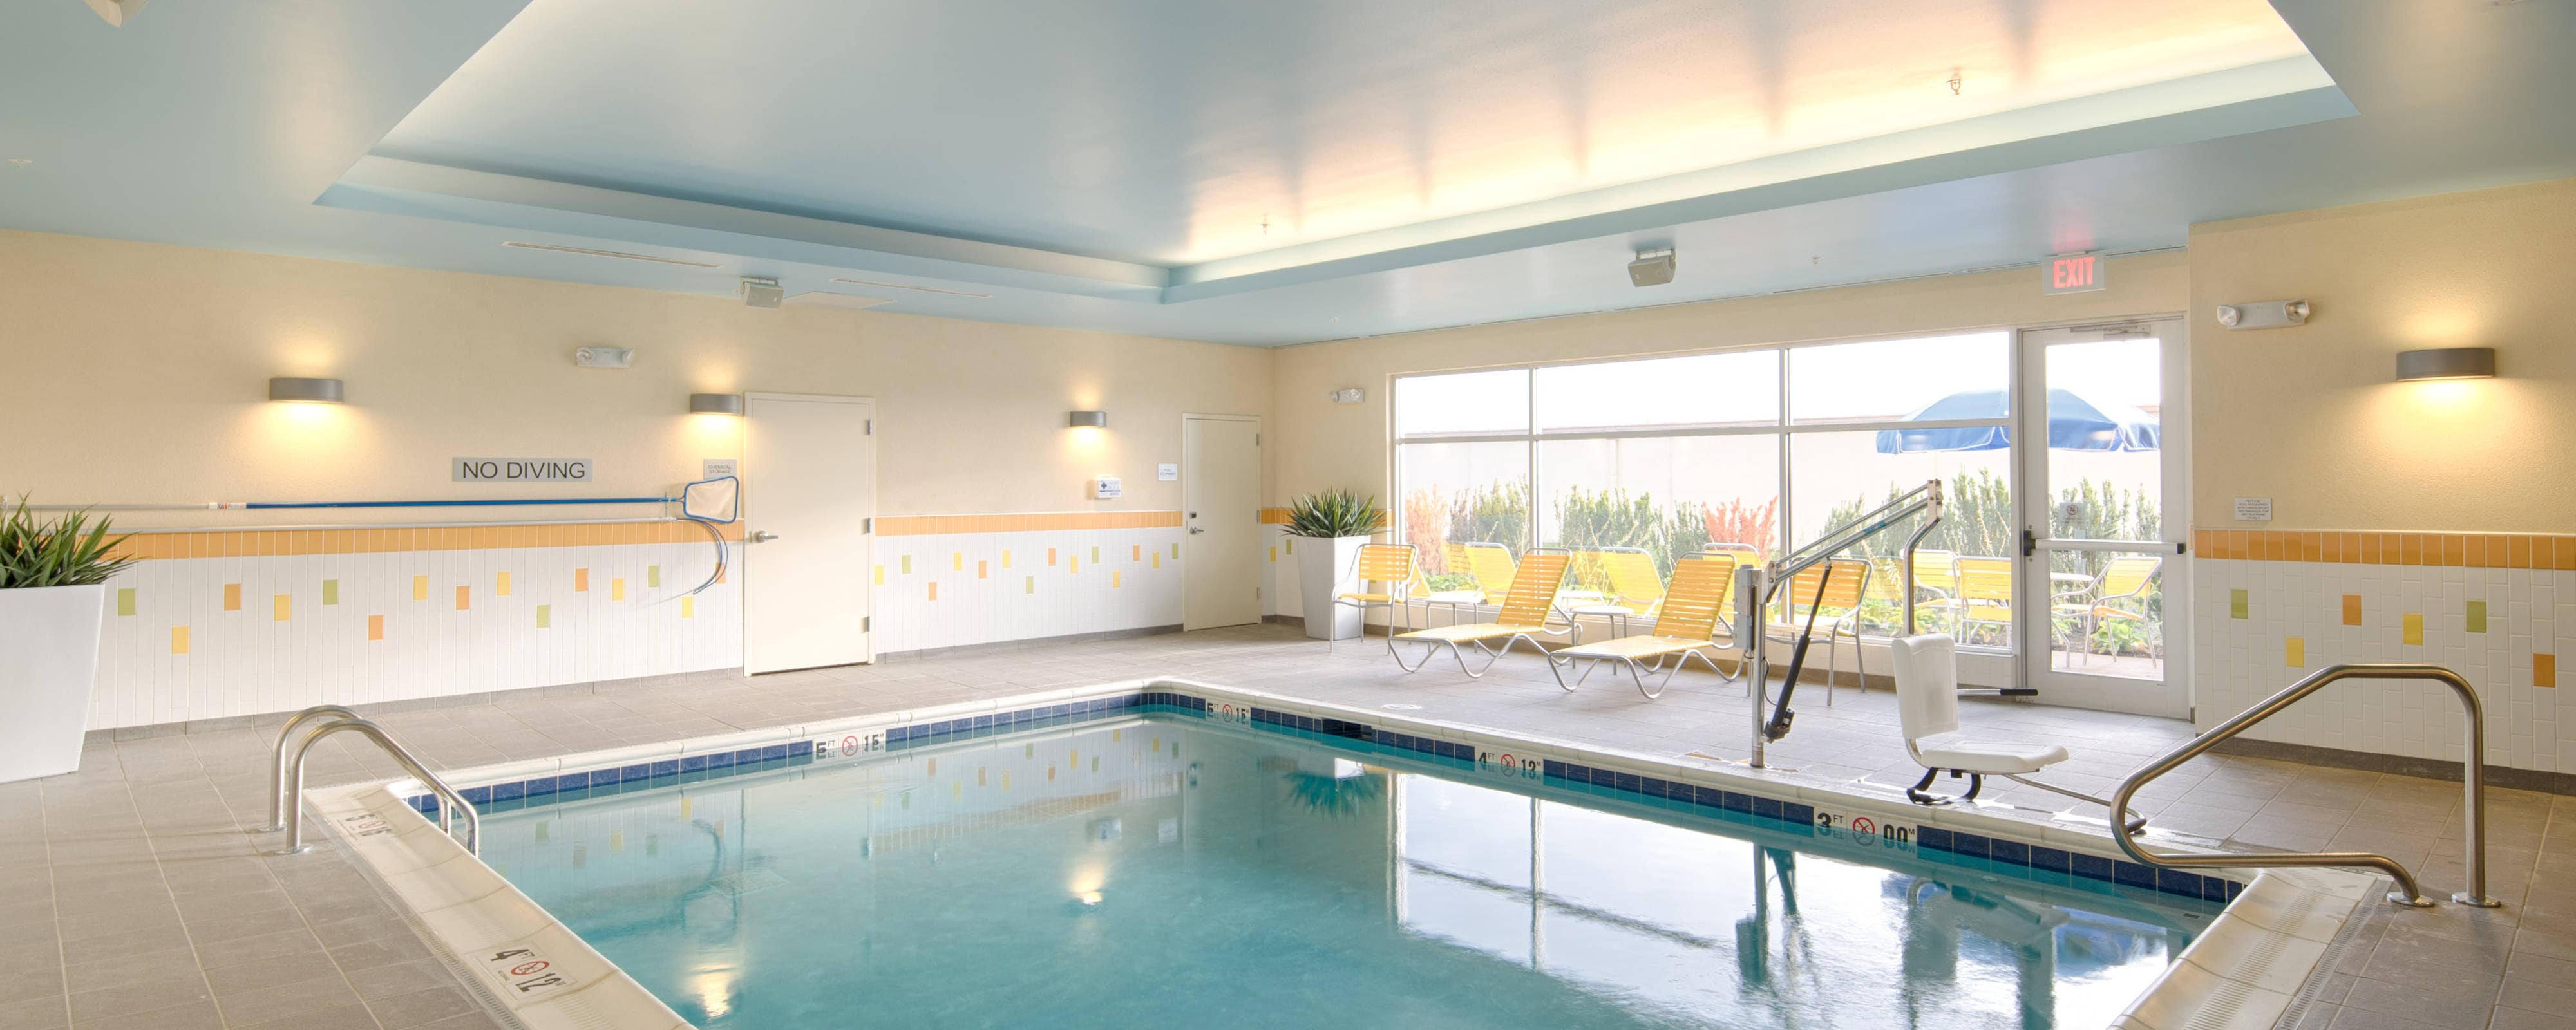 Dublin Ohio Hotel Gym With Indoor Pool Fairfield Inn Suites Columbus Dublin